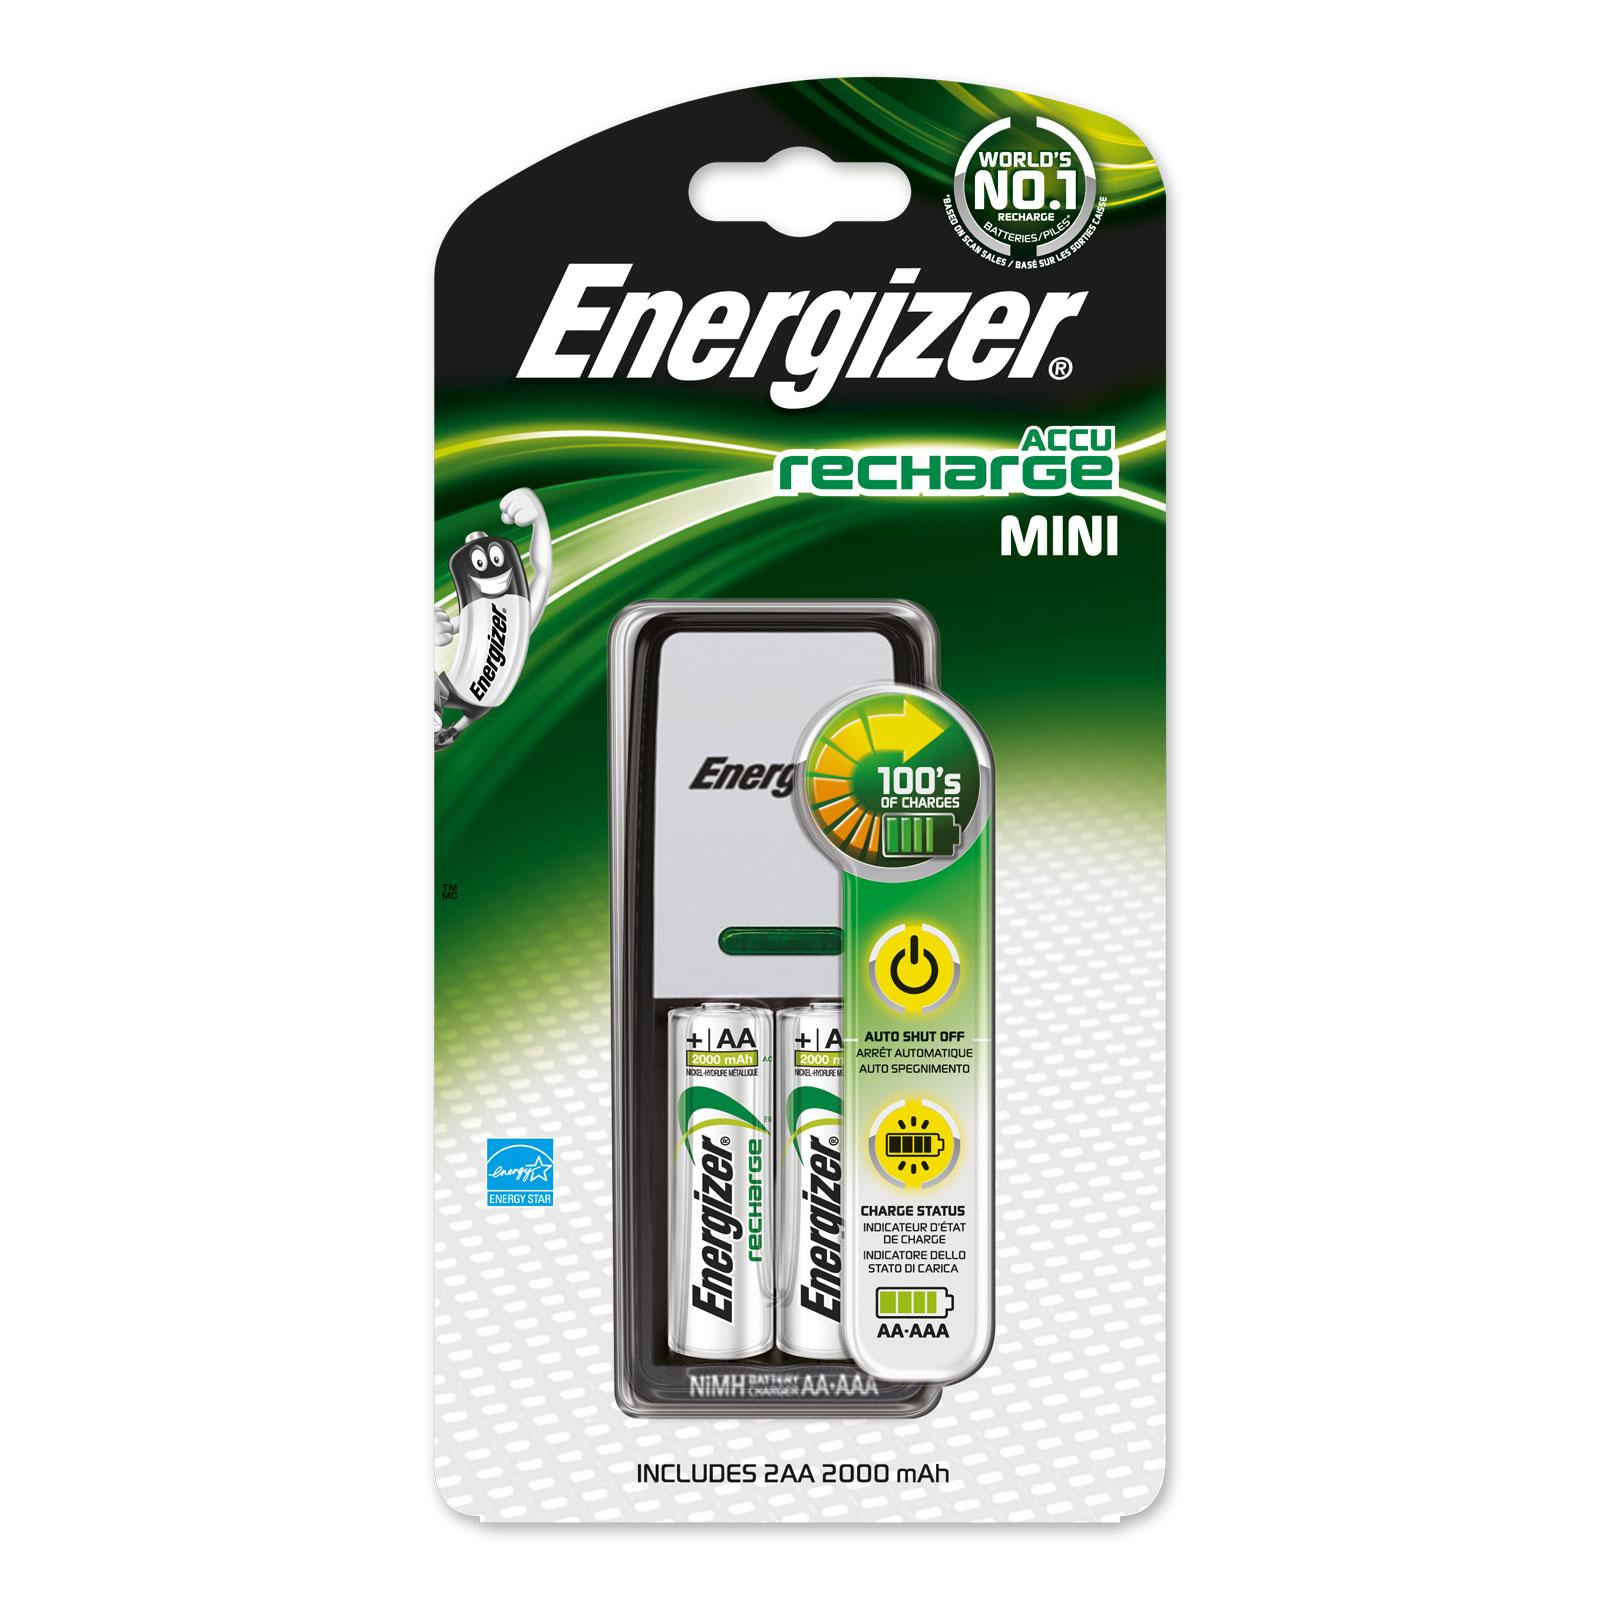 Chargeur de piles Energizer Accu Recharge Mini Chargeur de piles AA/AAA compact + 2 piles AA 2000 mAh